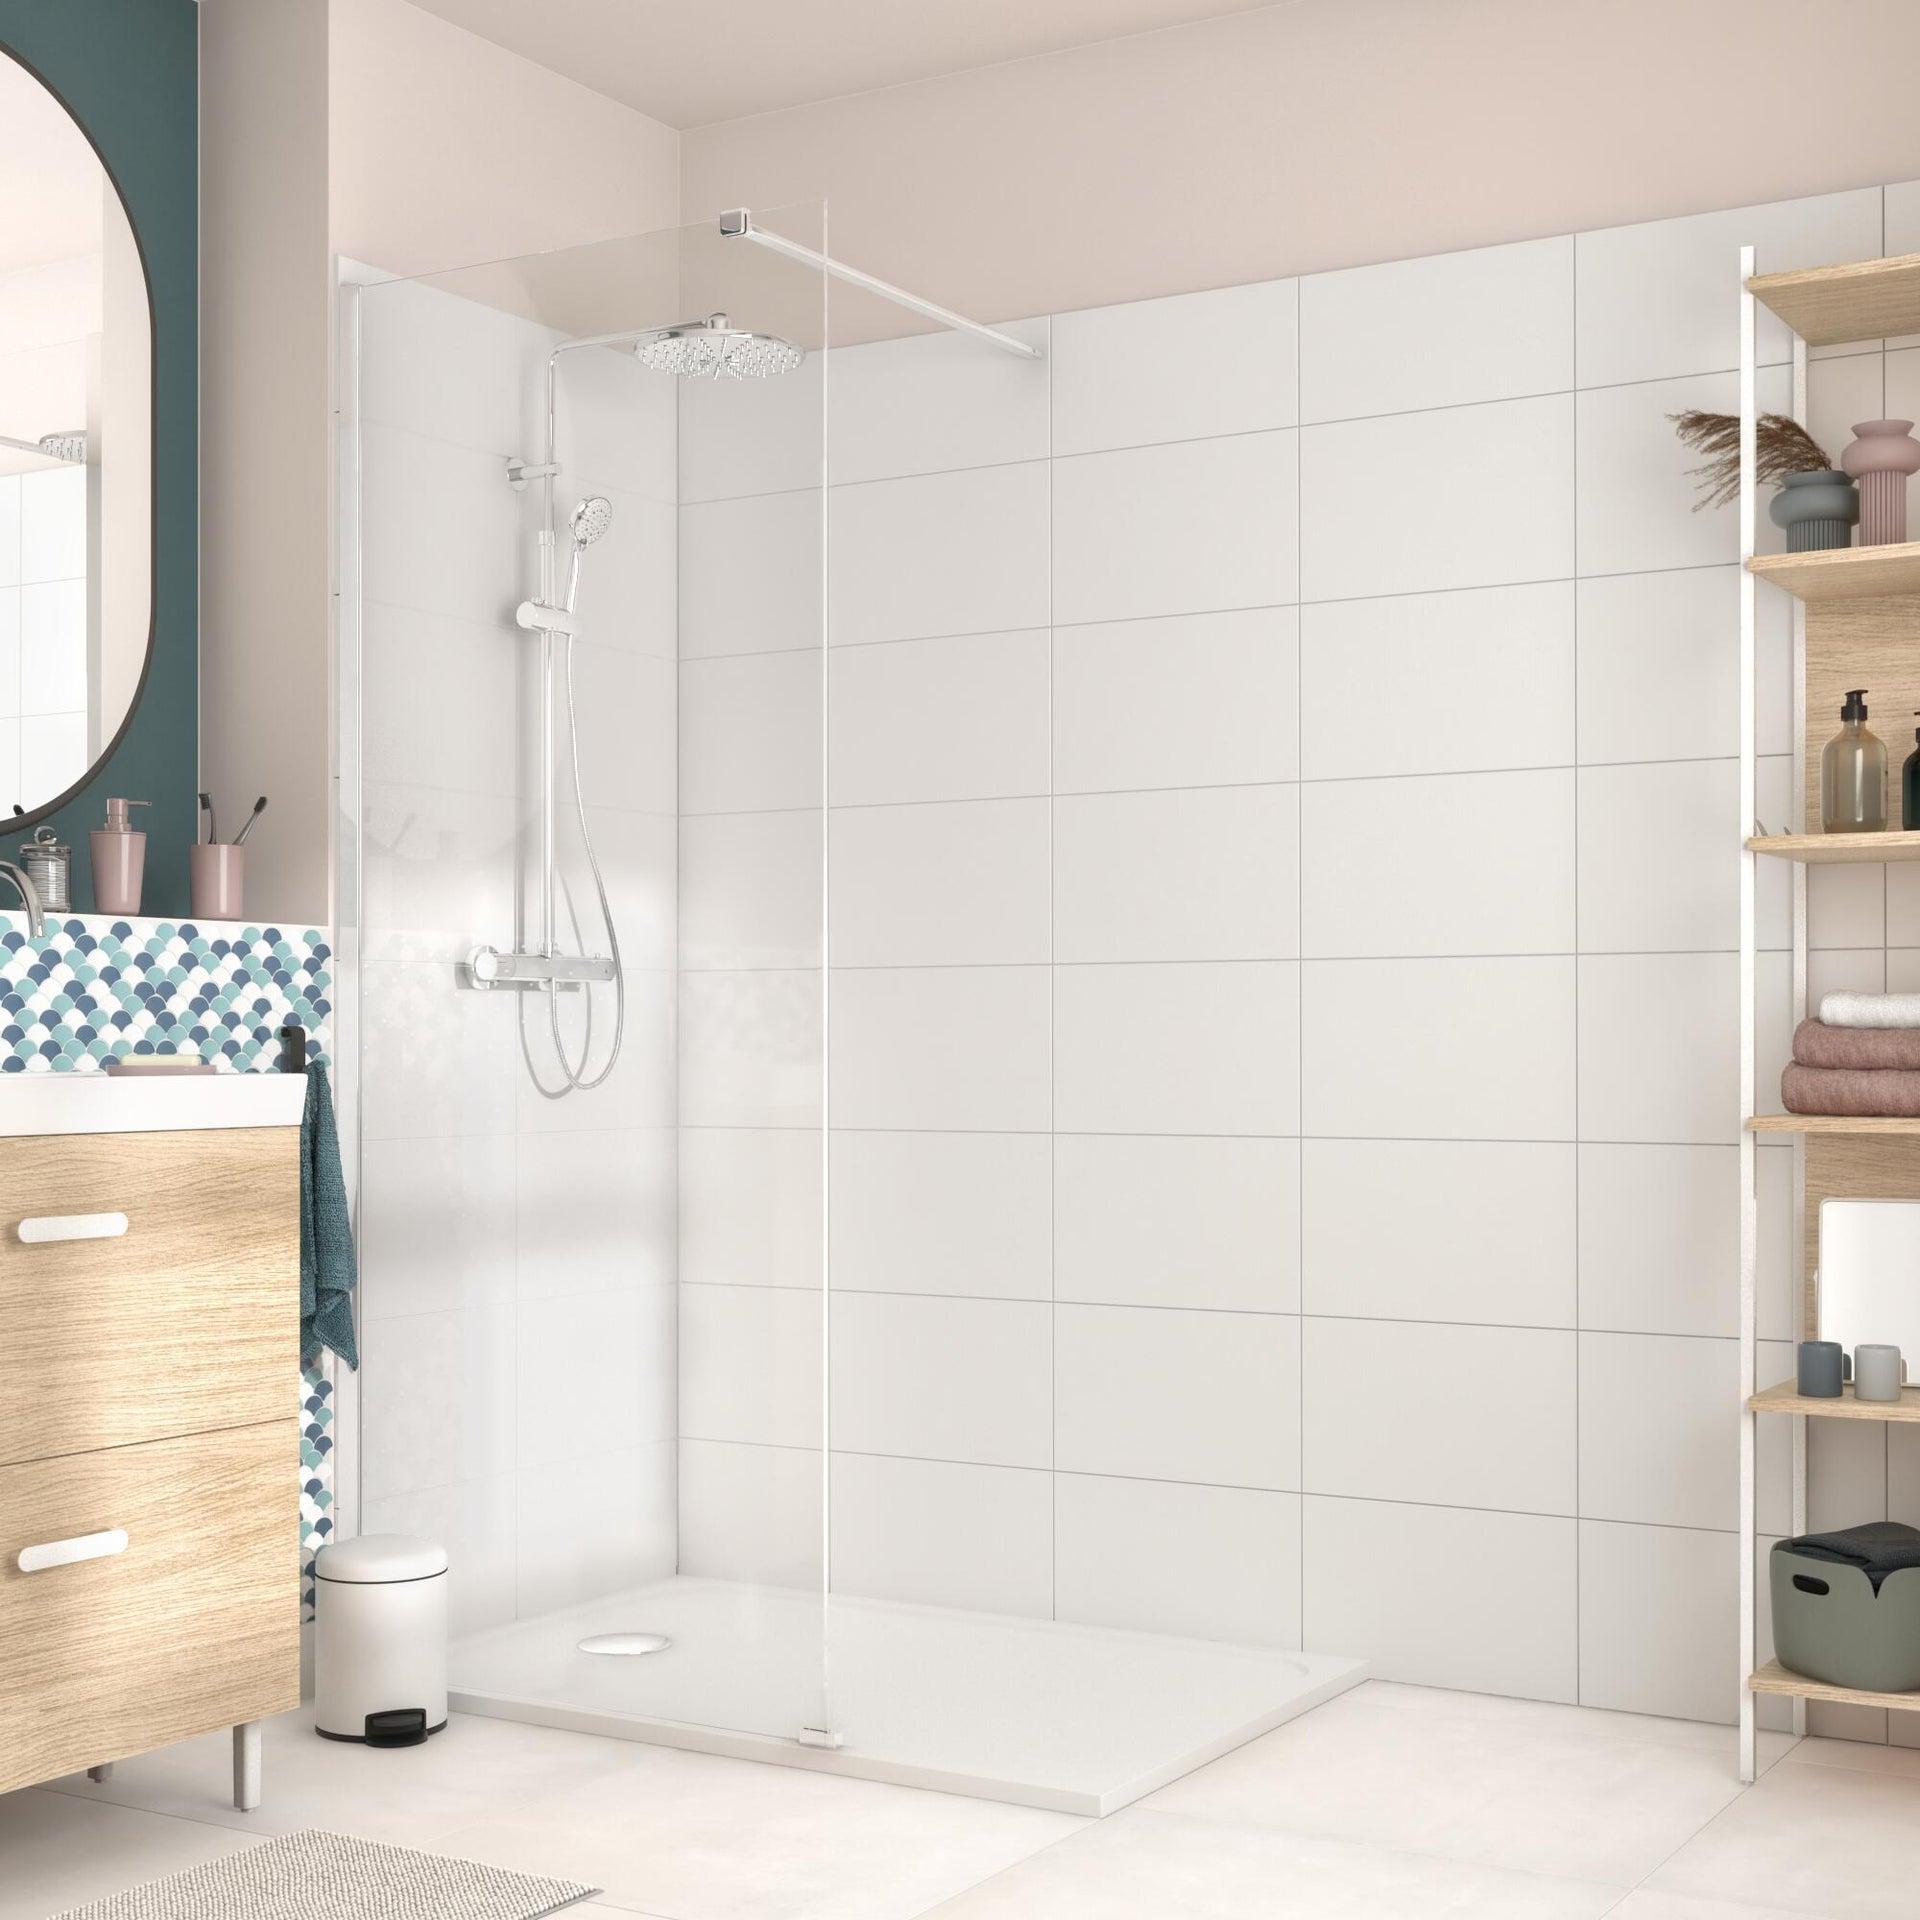 Piatto doccia resina sintetica e polvere di marmo Easy 80 x 120 cm bianco - 17